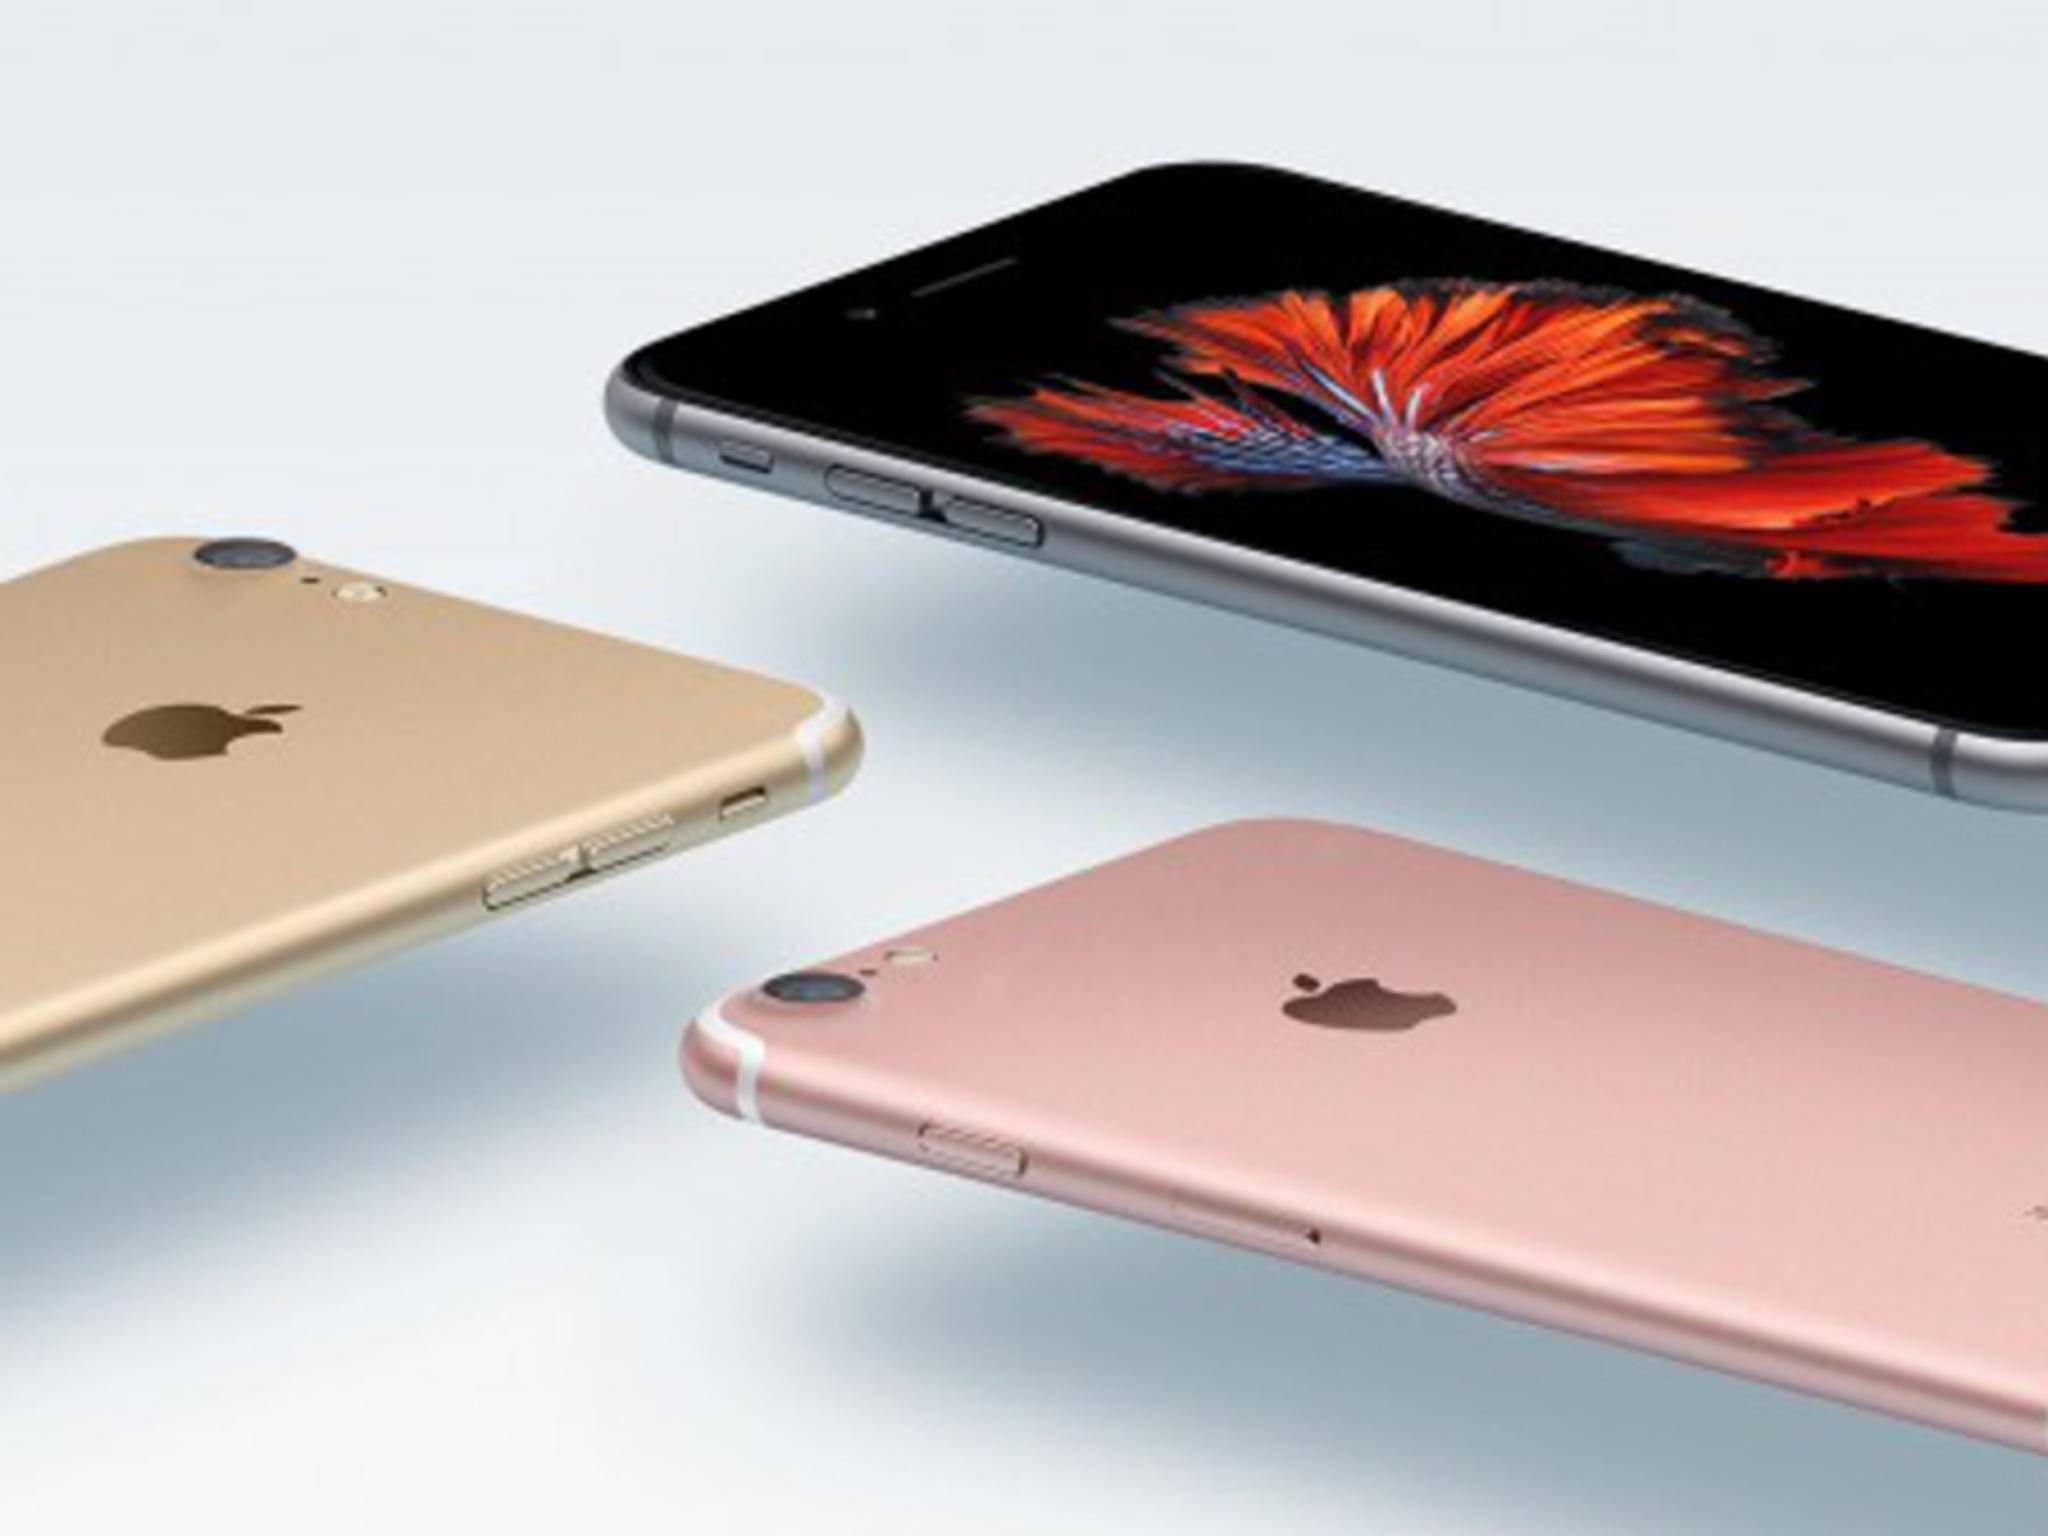 Ist auf diesem Render-Bild wirklich das iPhone 7 zu sehen?